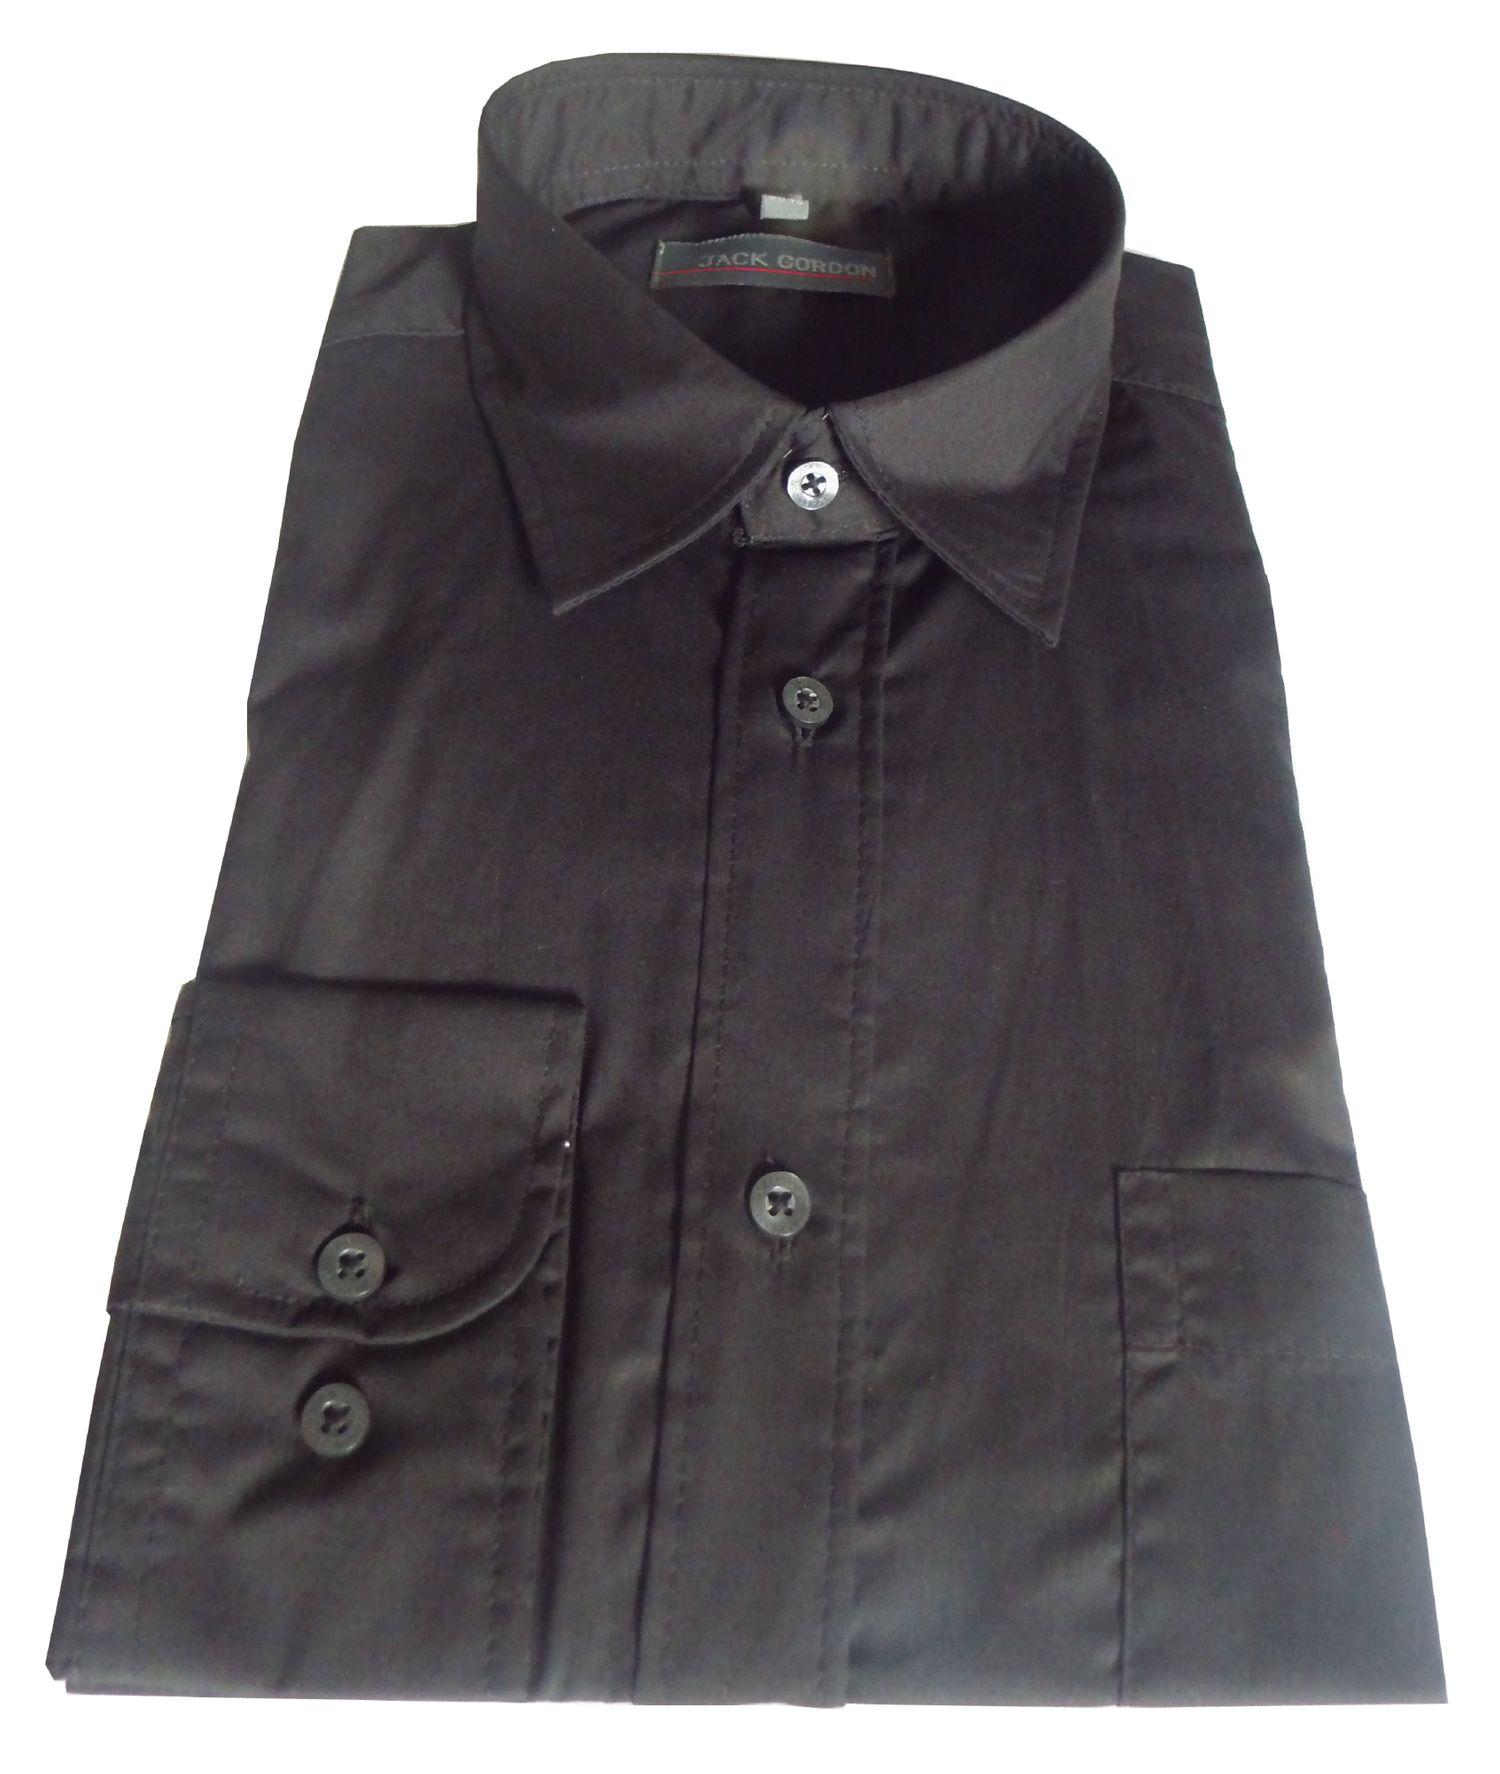 Herren Hemd langarm schwarz - in Größe S bis XXL, 7973 – Bild 1